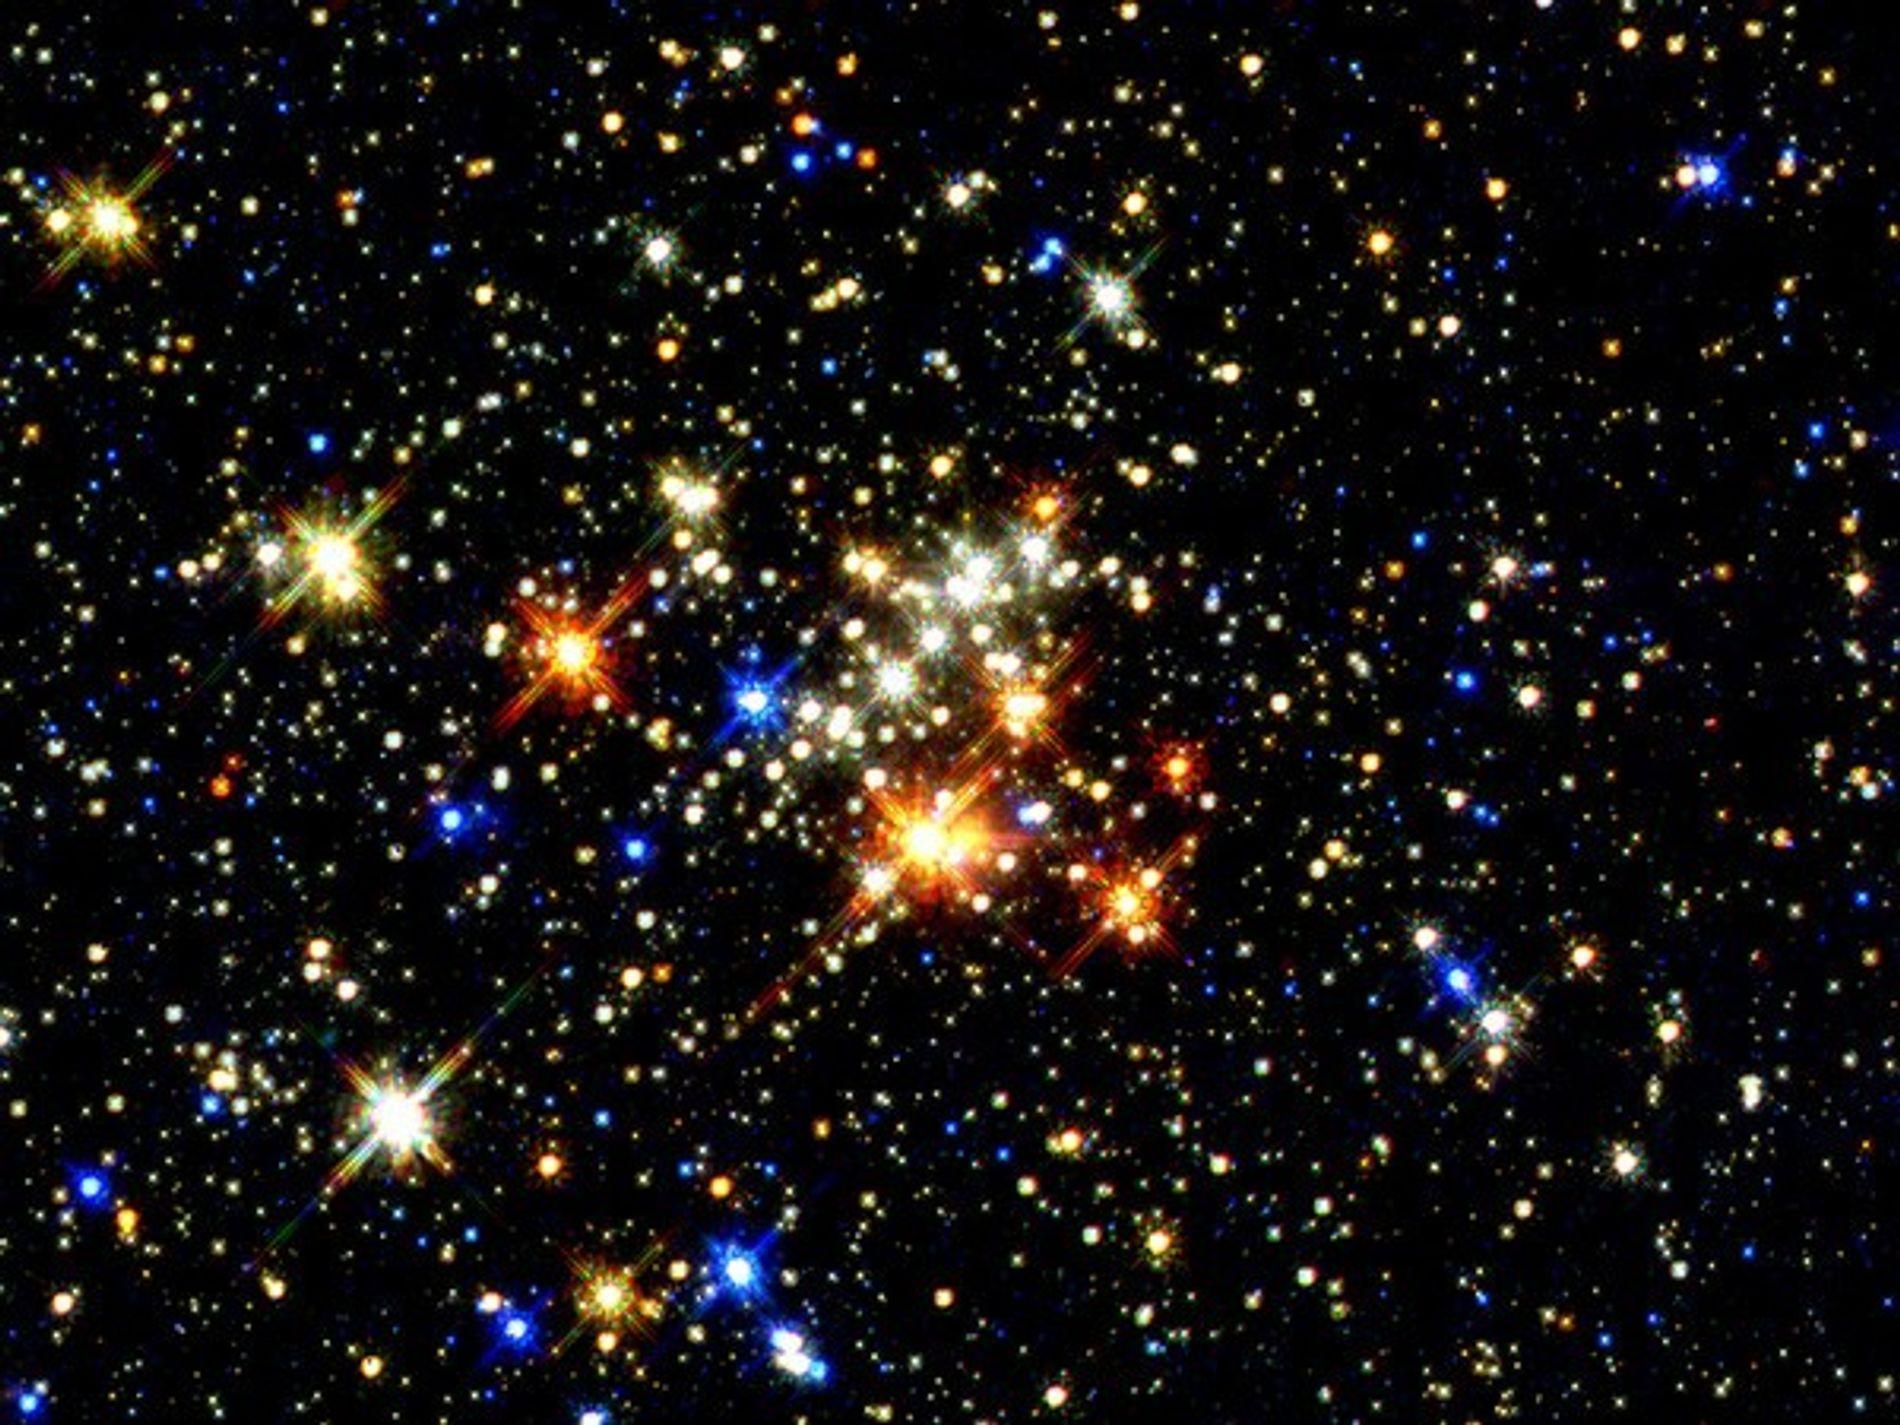 Qué sabes de las estrellas? | National Geographic